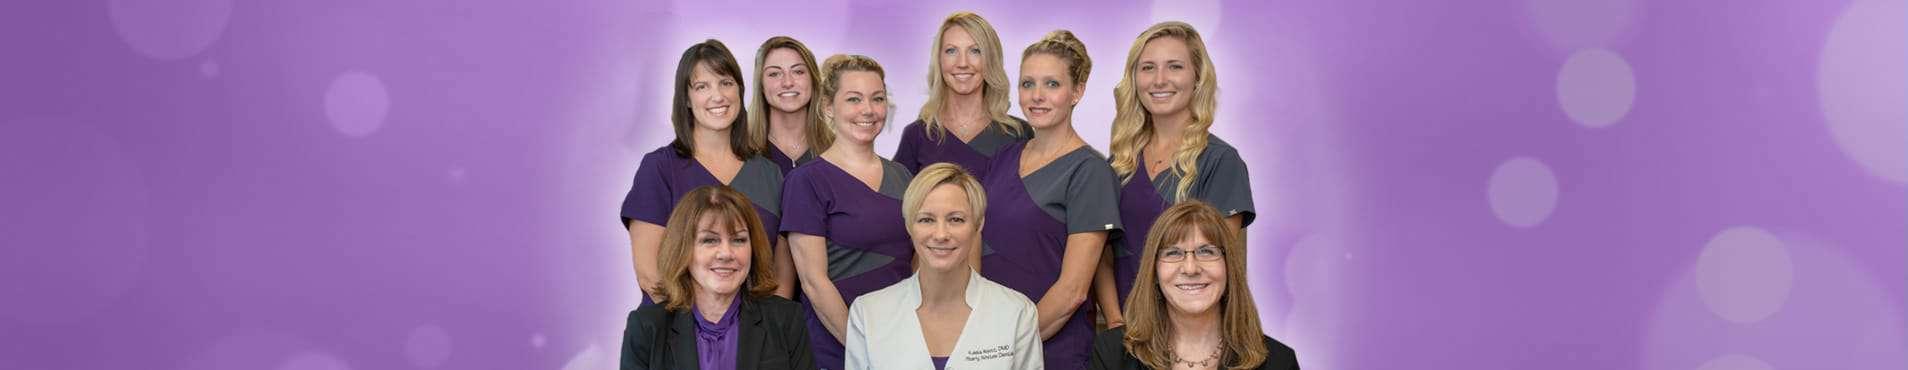 Dental Crowns Dentist Serving Lawrenceville